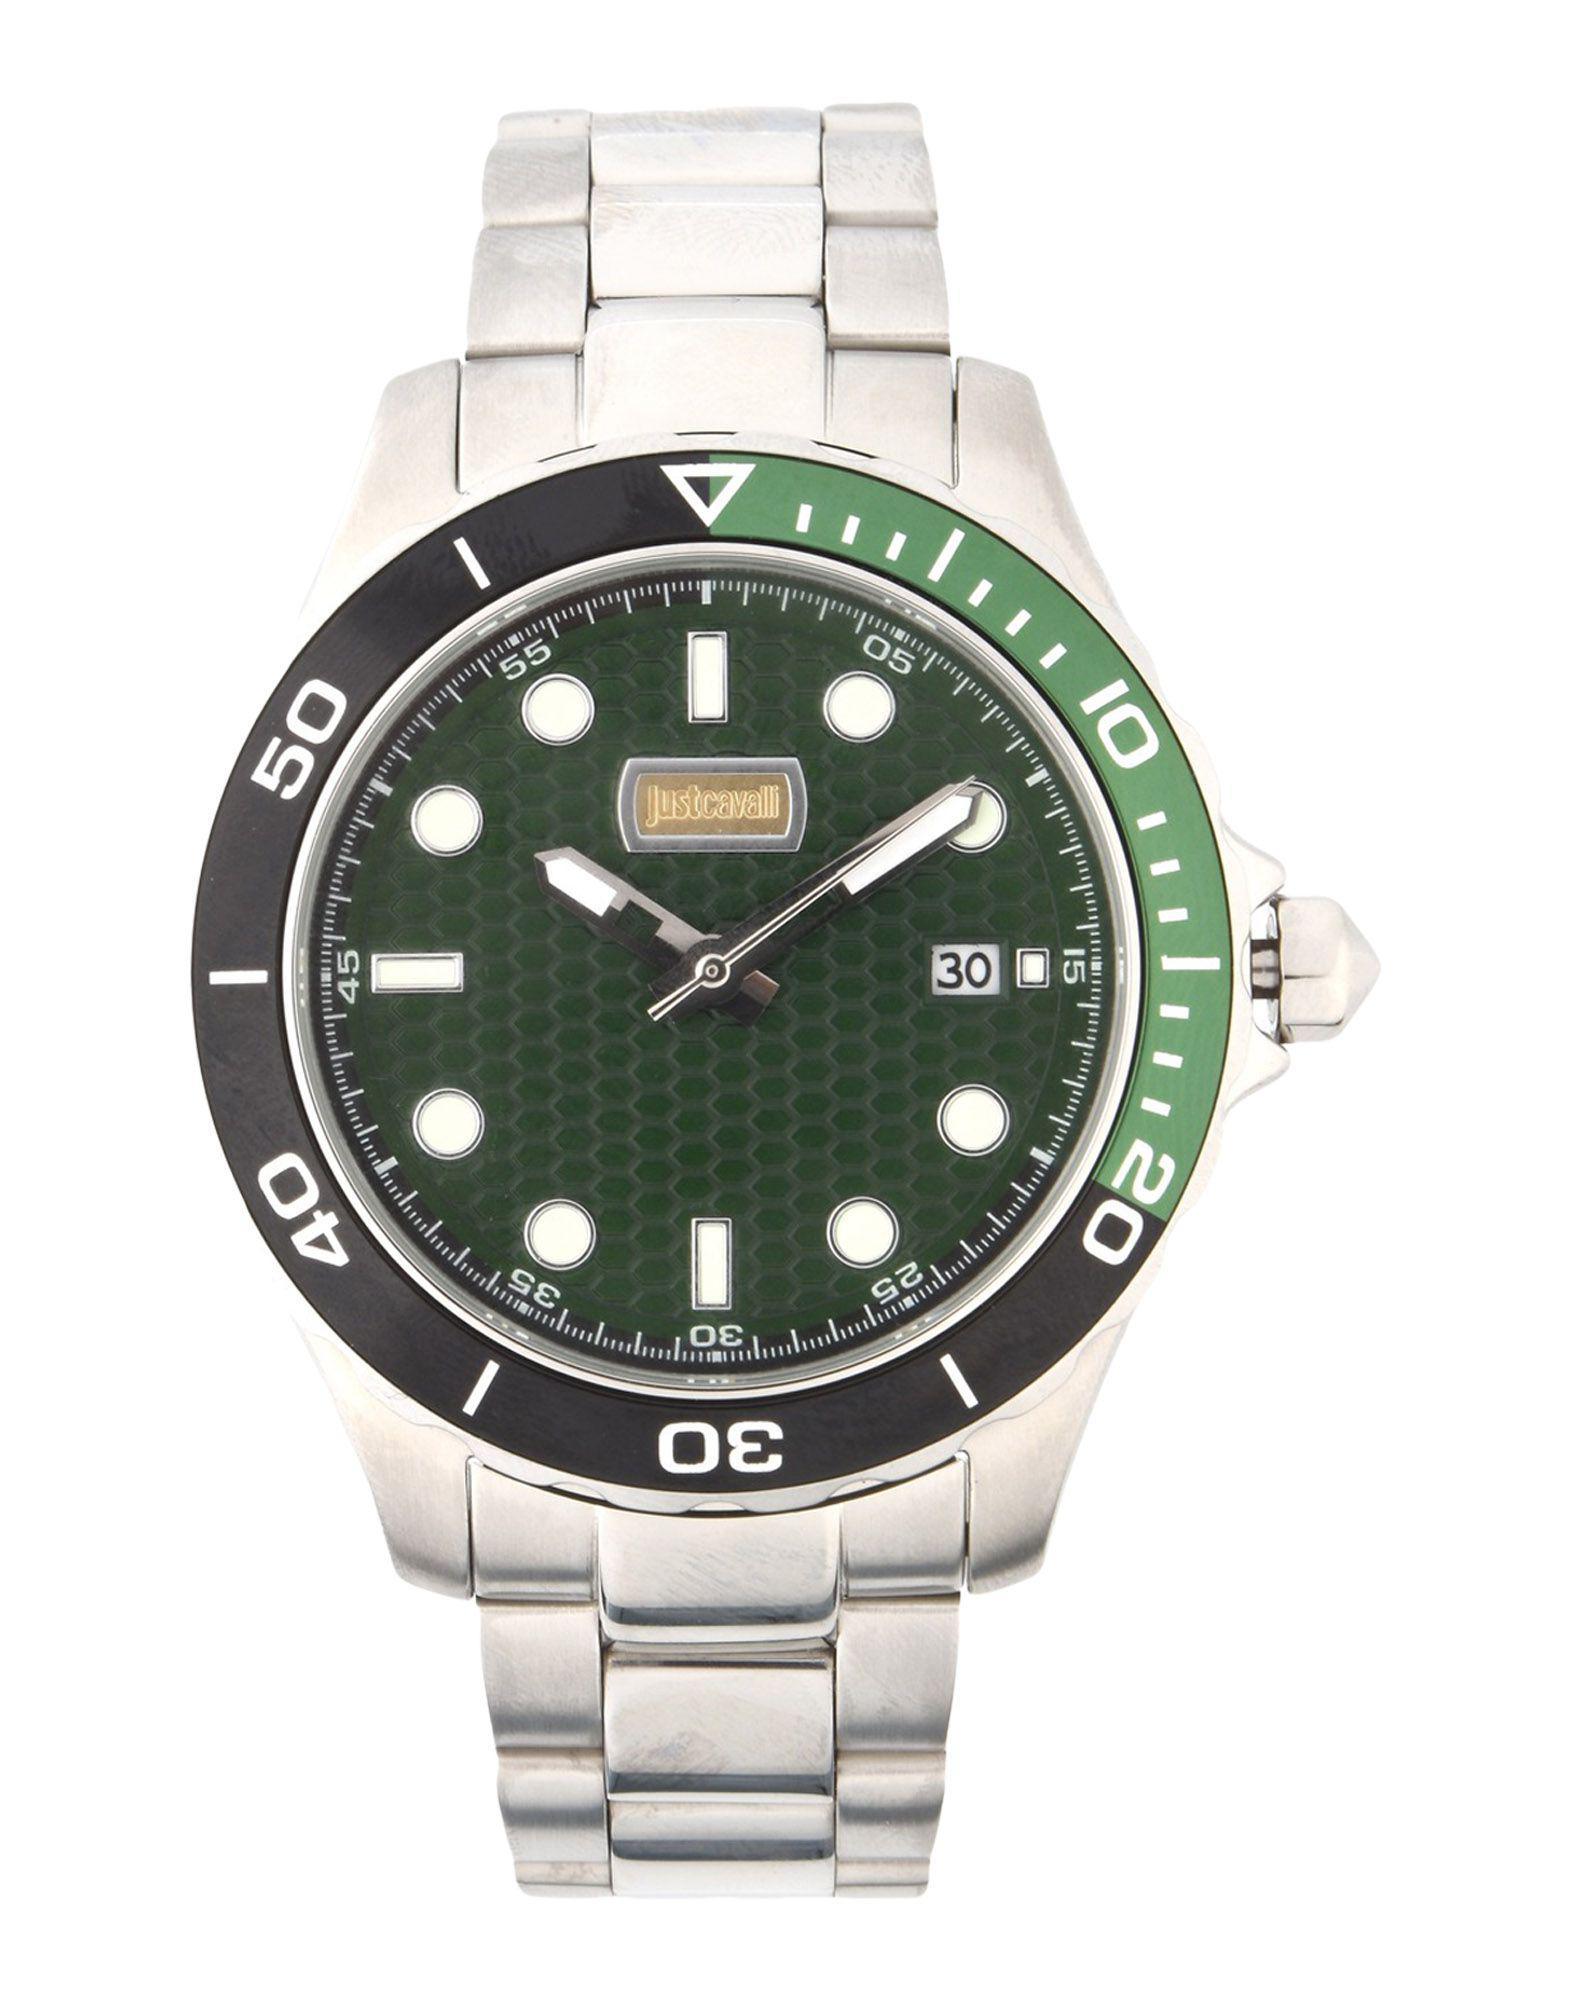 7ccd8e4c21aa Reloj de pulsera Just Cavalli de hombre de color Verde - Lyst